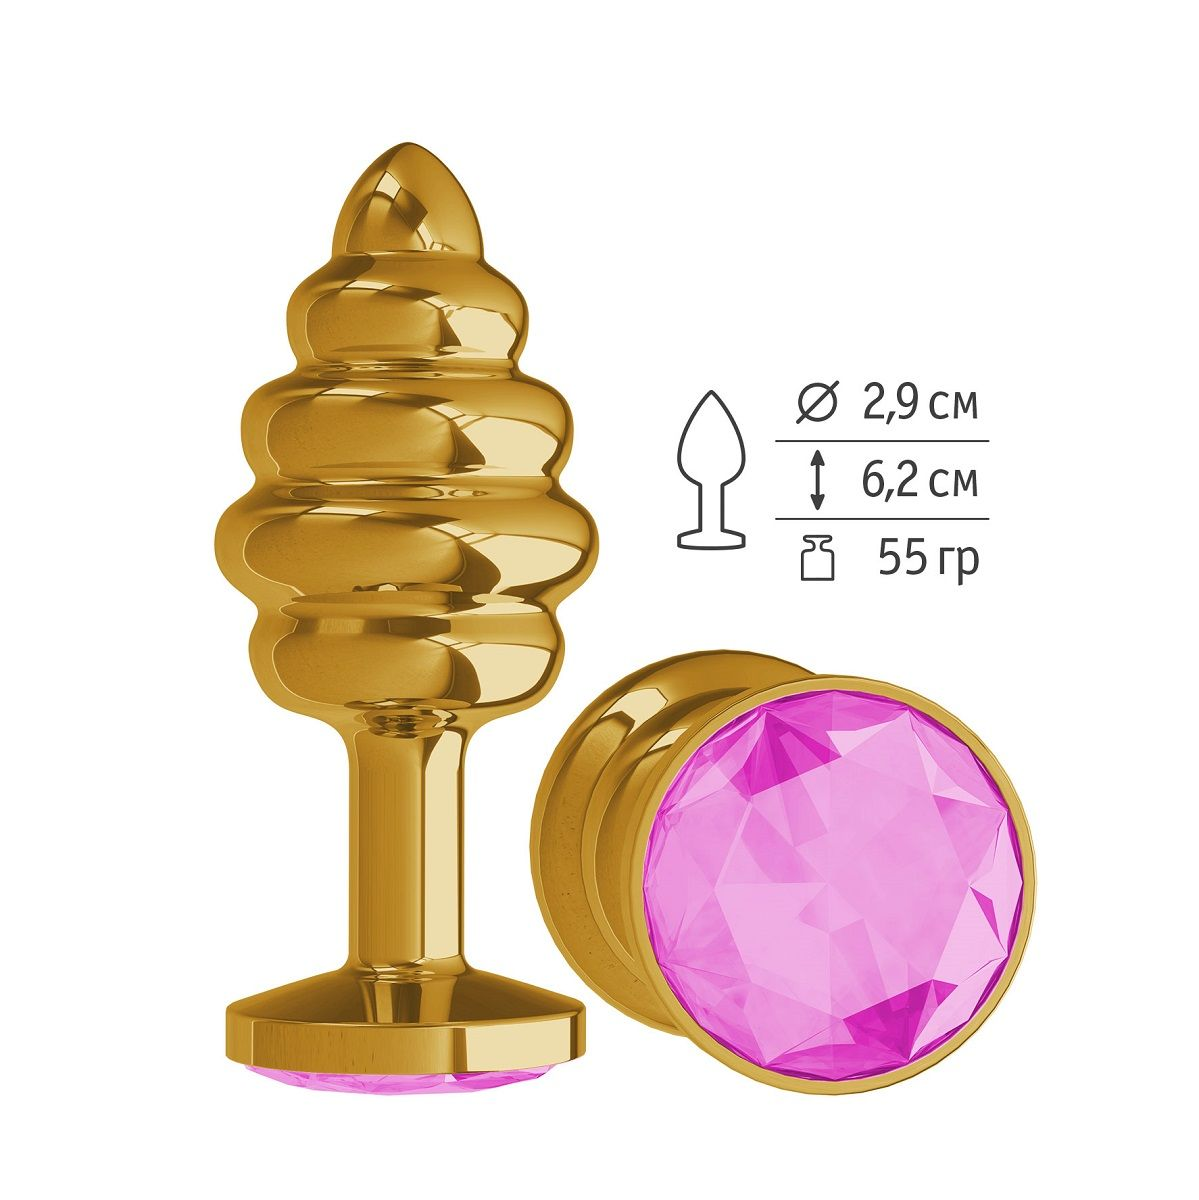 Золотистая пробка с рёбрышками и розовым кристаллом - 7 см.